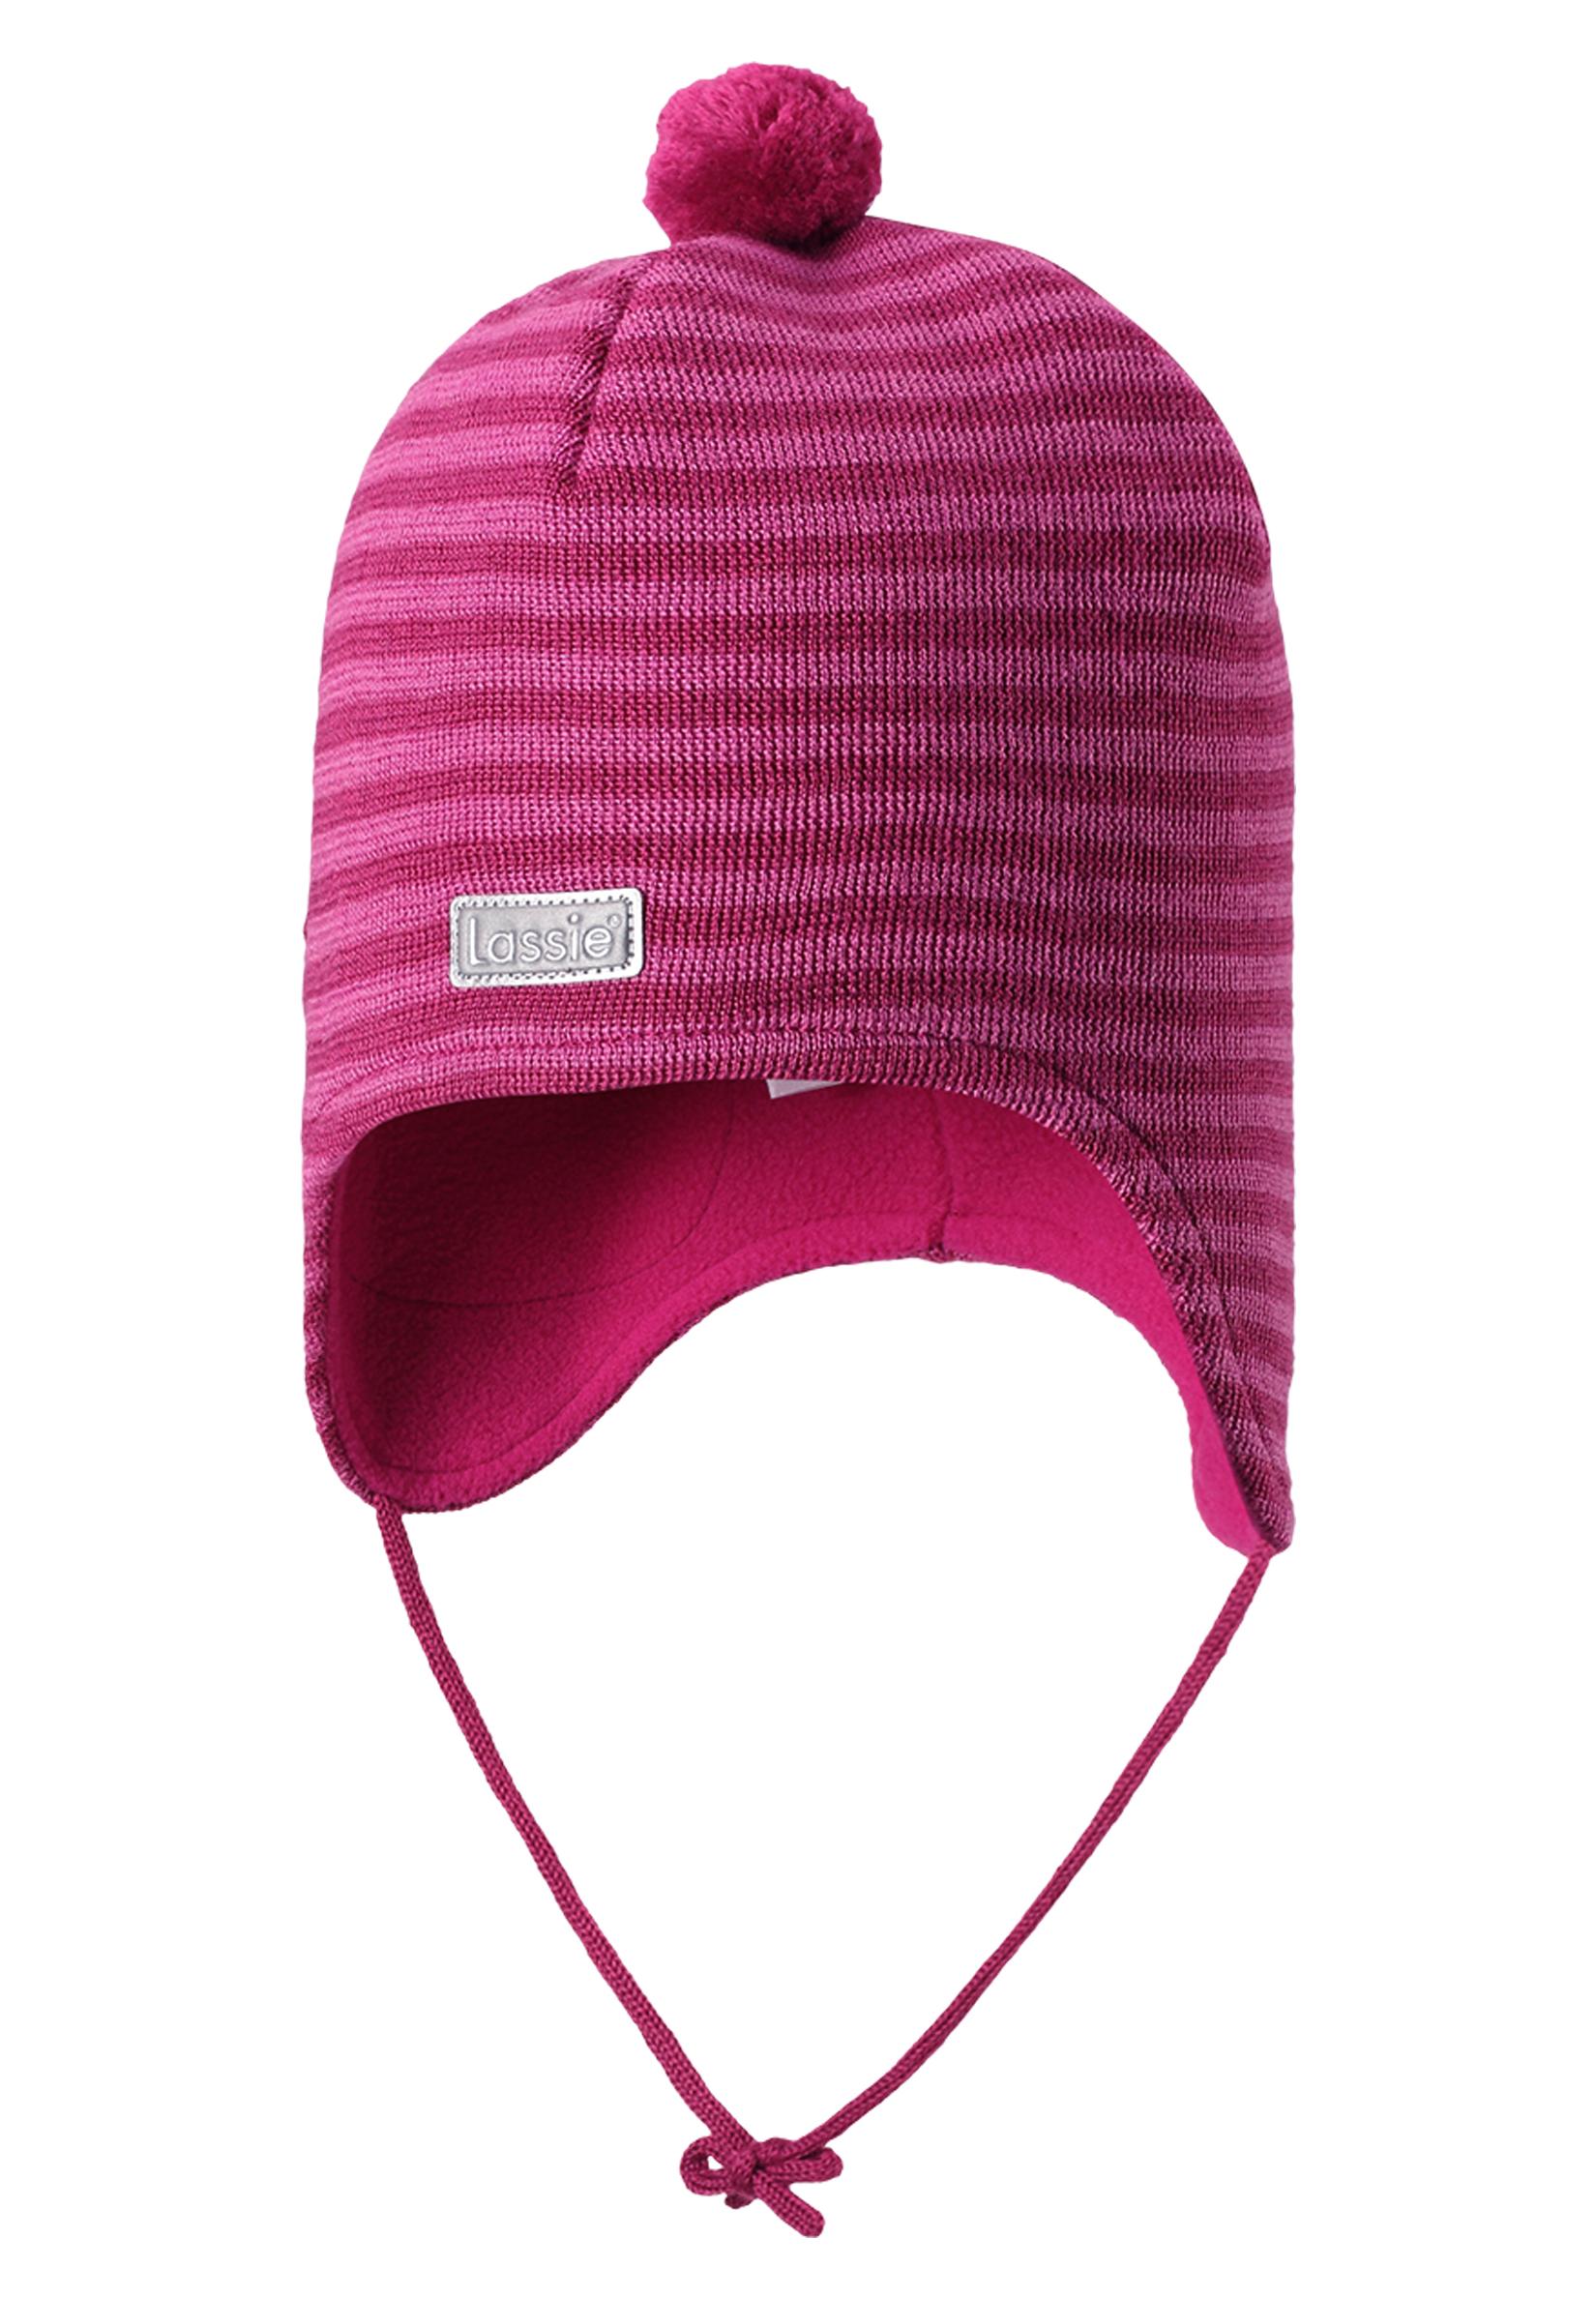 Головные уборы Lassie Шапка для девочки Lassie розовая браун сандра держи меня крепко